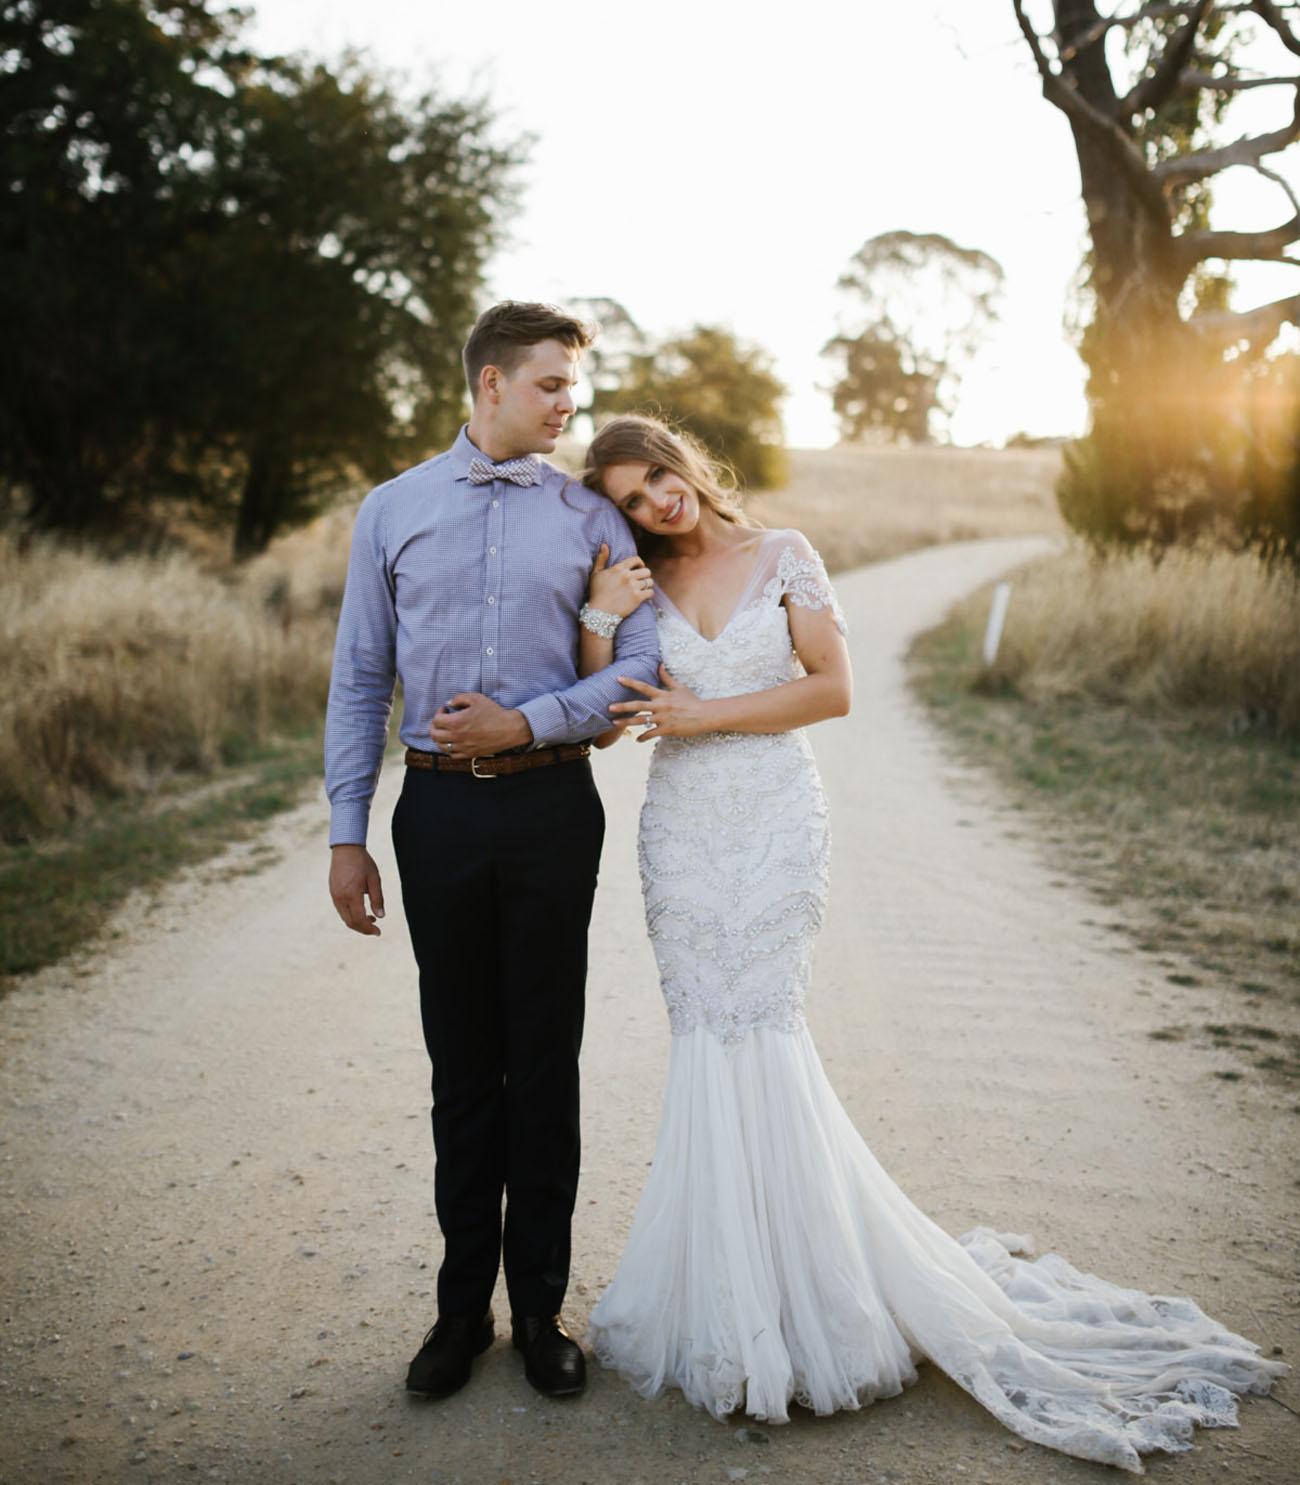 Australian wedding dress designer anna campbell